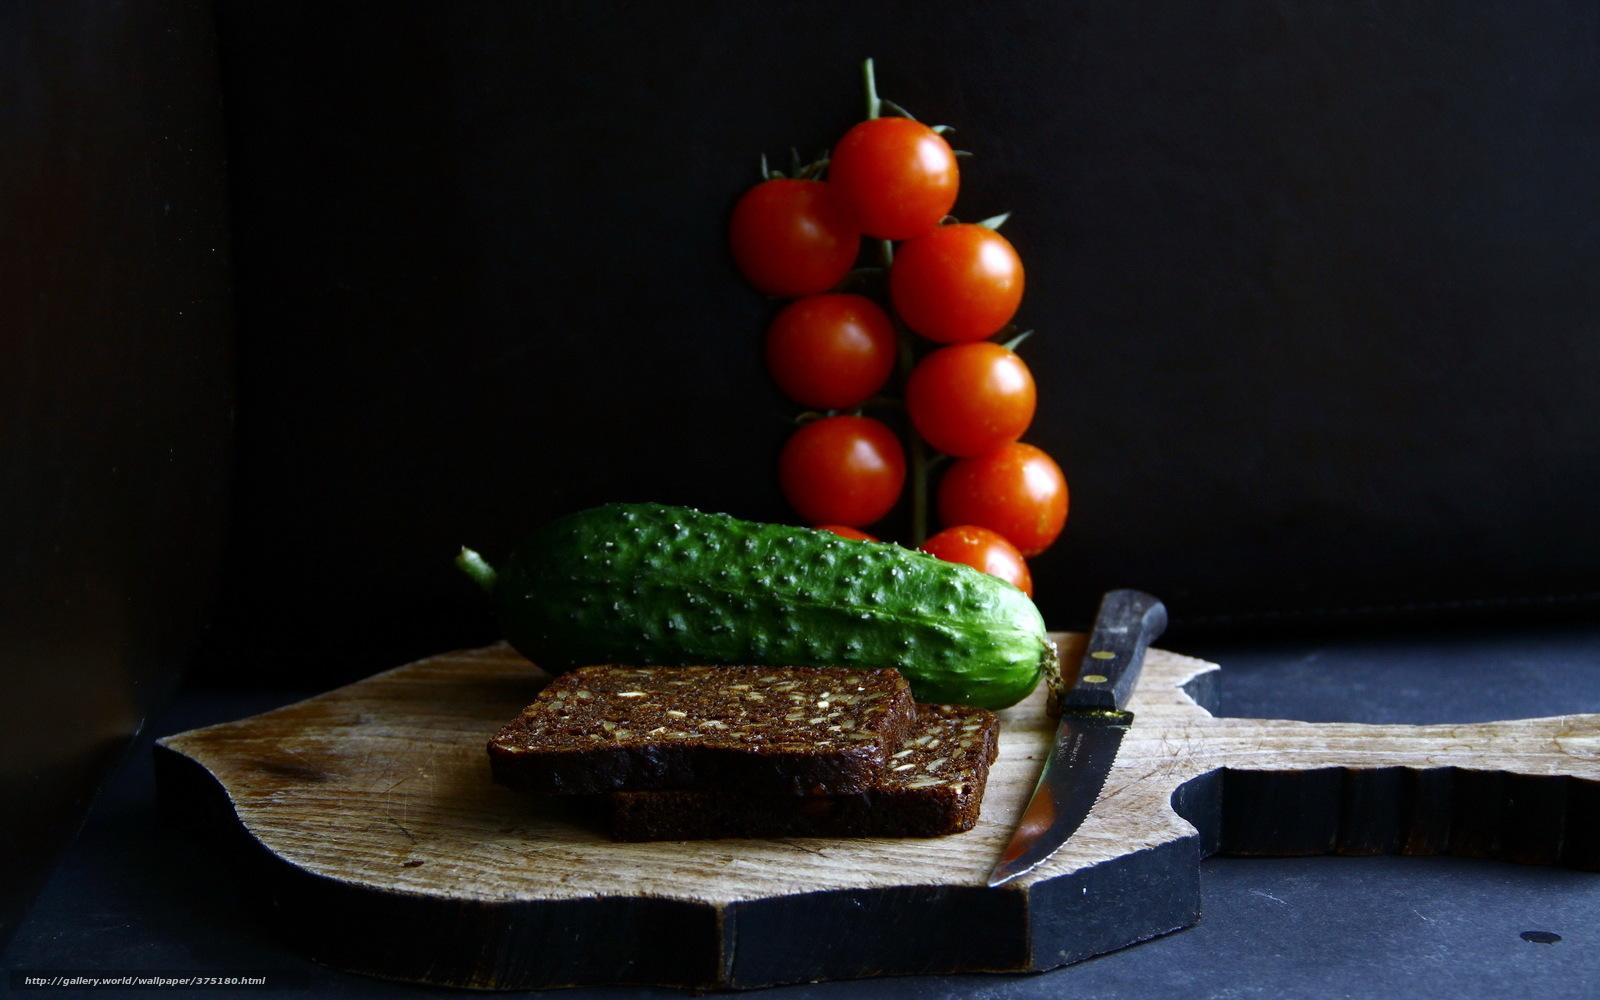 Скачать обои хлеб,  огурец,  помидоры,  нож бесплатно для рабочего стола в разрешении 2560x1600 — картинка №375180